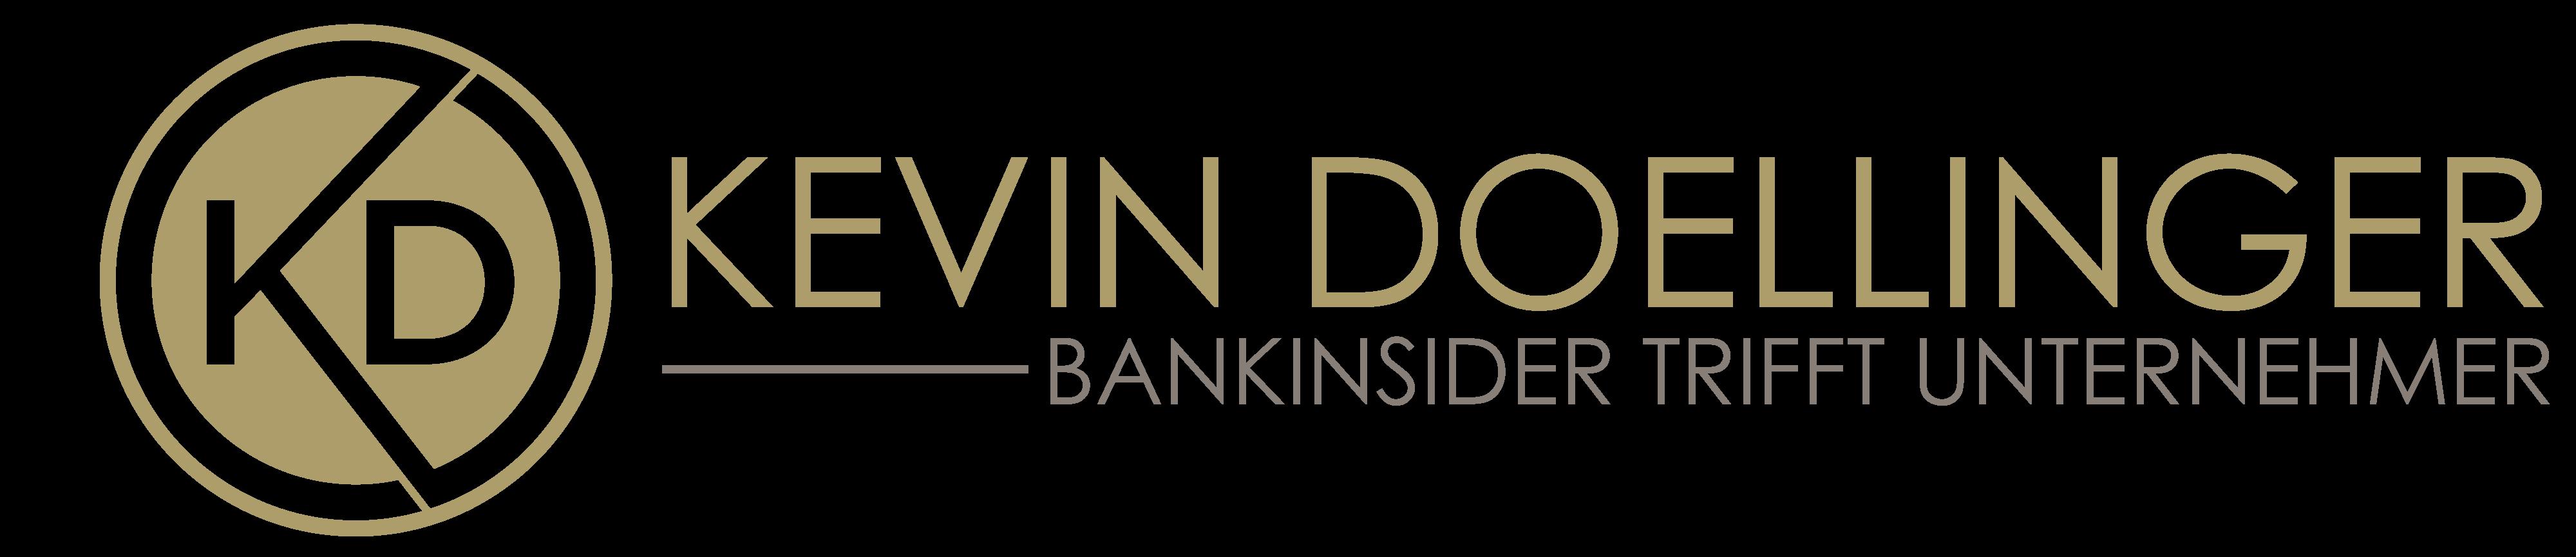 Bankinsider trifft Unternehmer